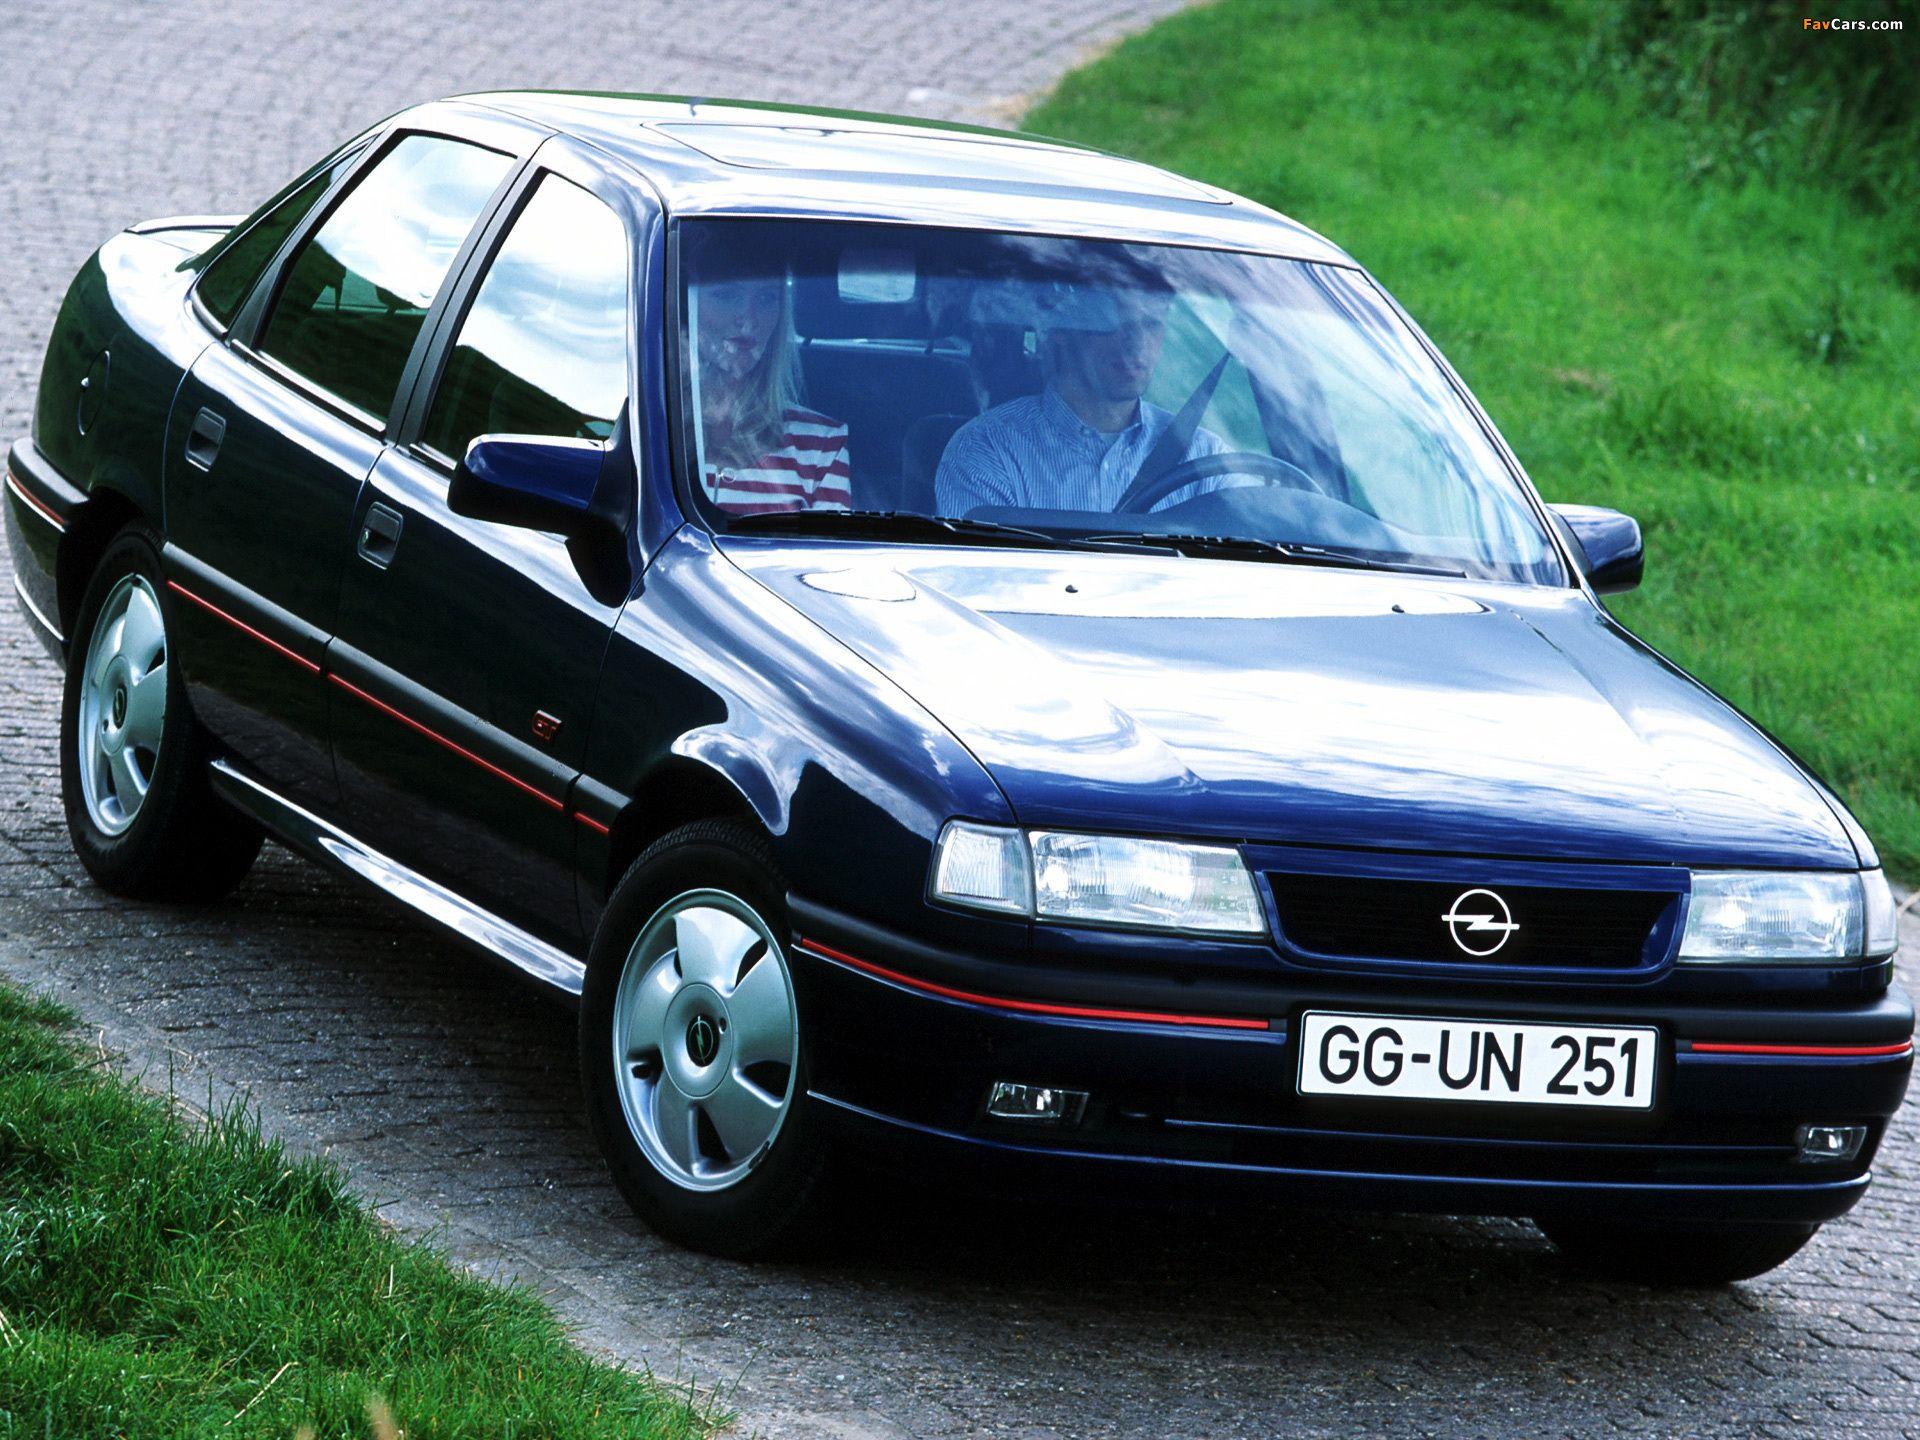 Opel Vectra Gt Sedan De 1992 Un Bicho Con Mas De 100cv Poco Usual